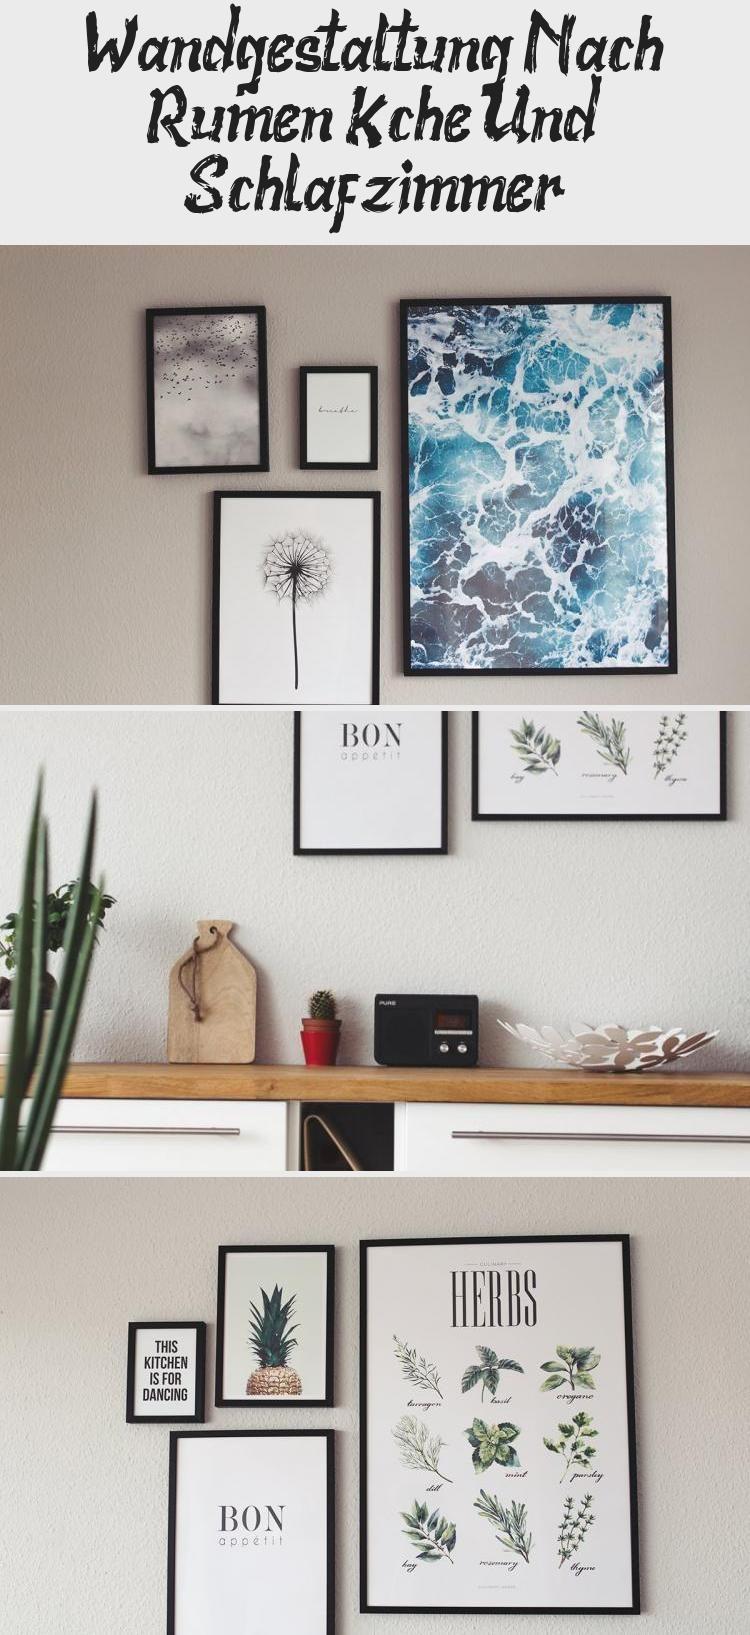 Wandgestaltung Nach Räumen: Küche Und Schlafzimmer #deseniobilderwand